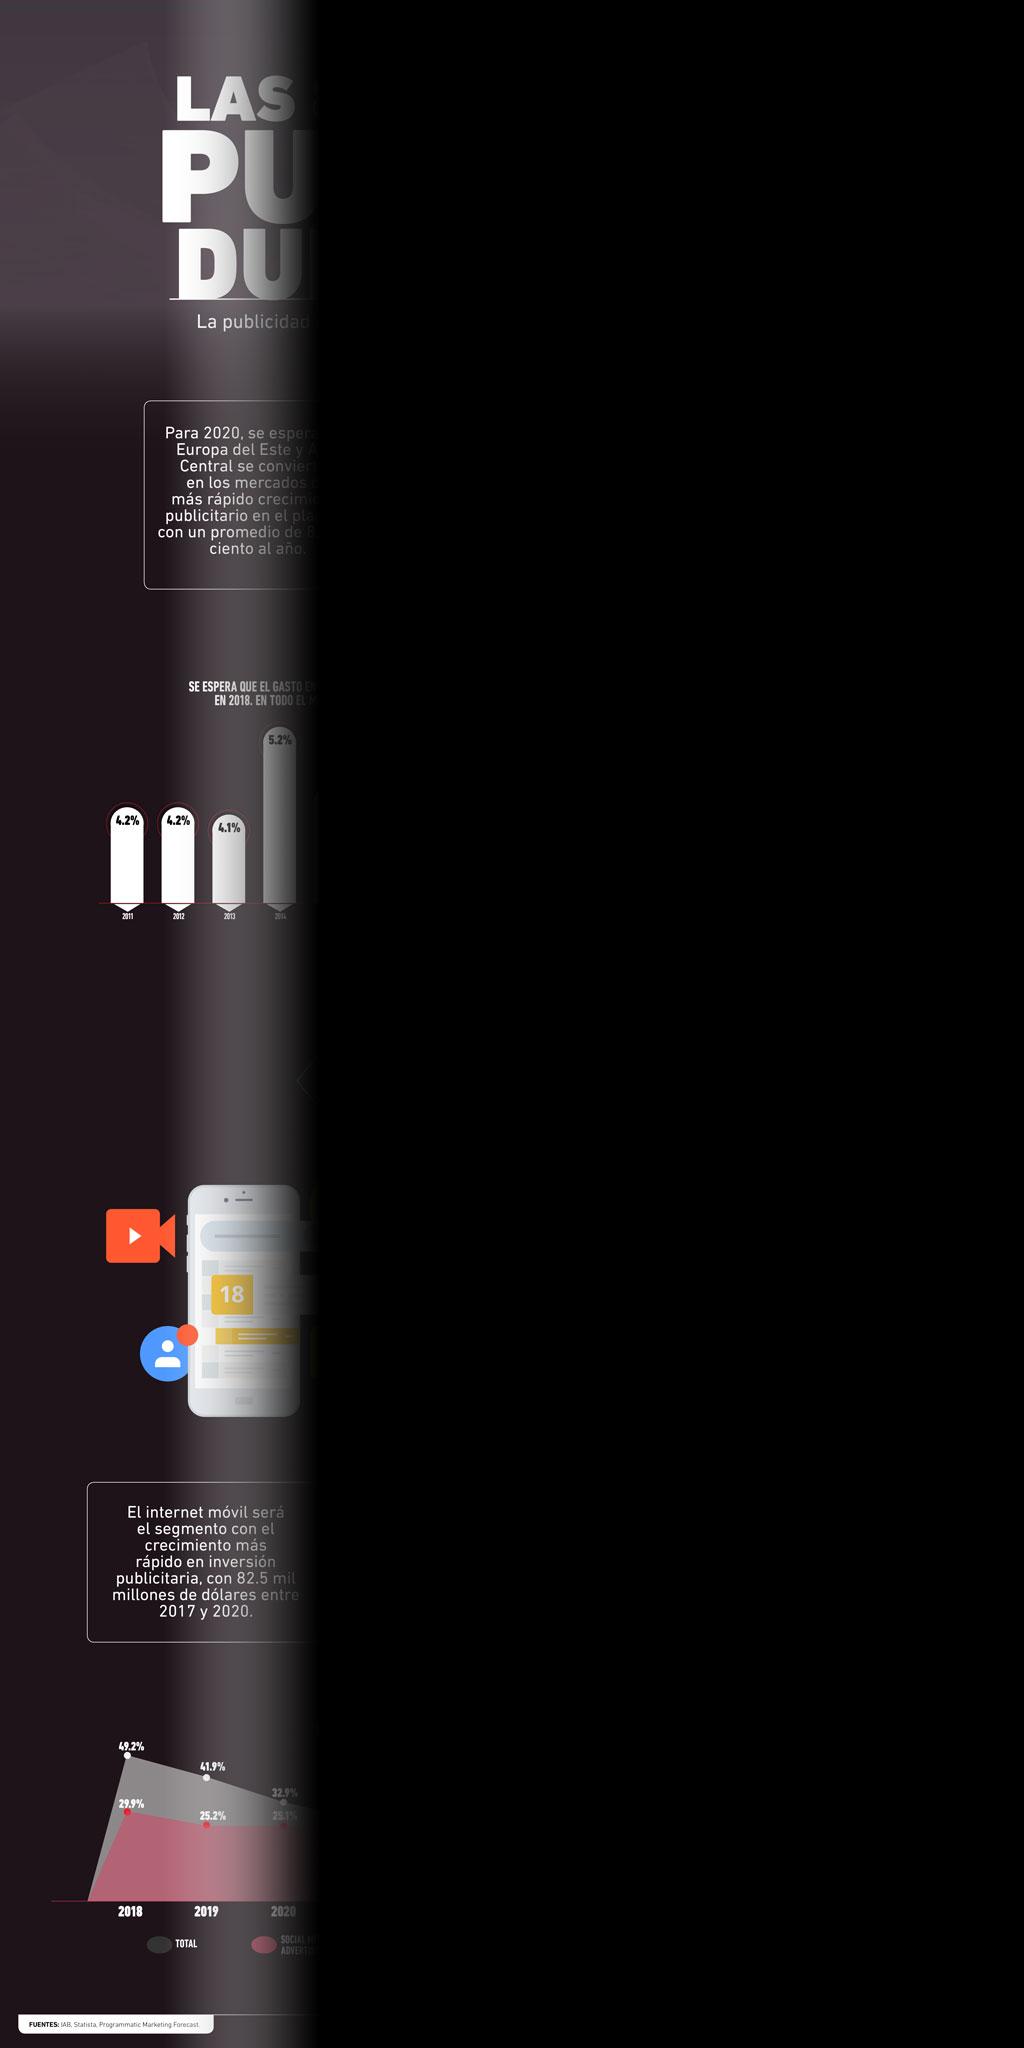 infografía_publicidad_degradado